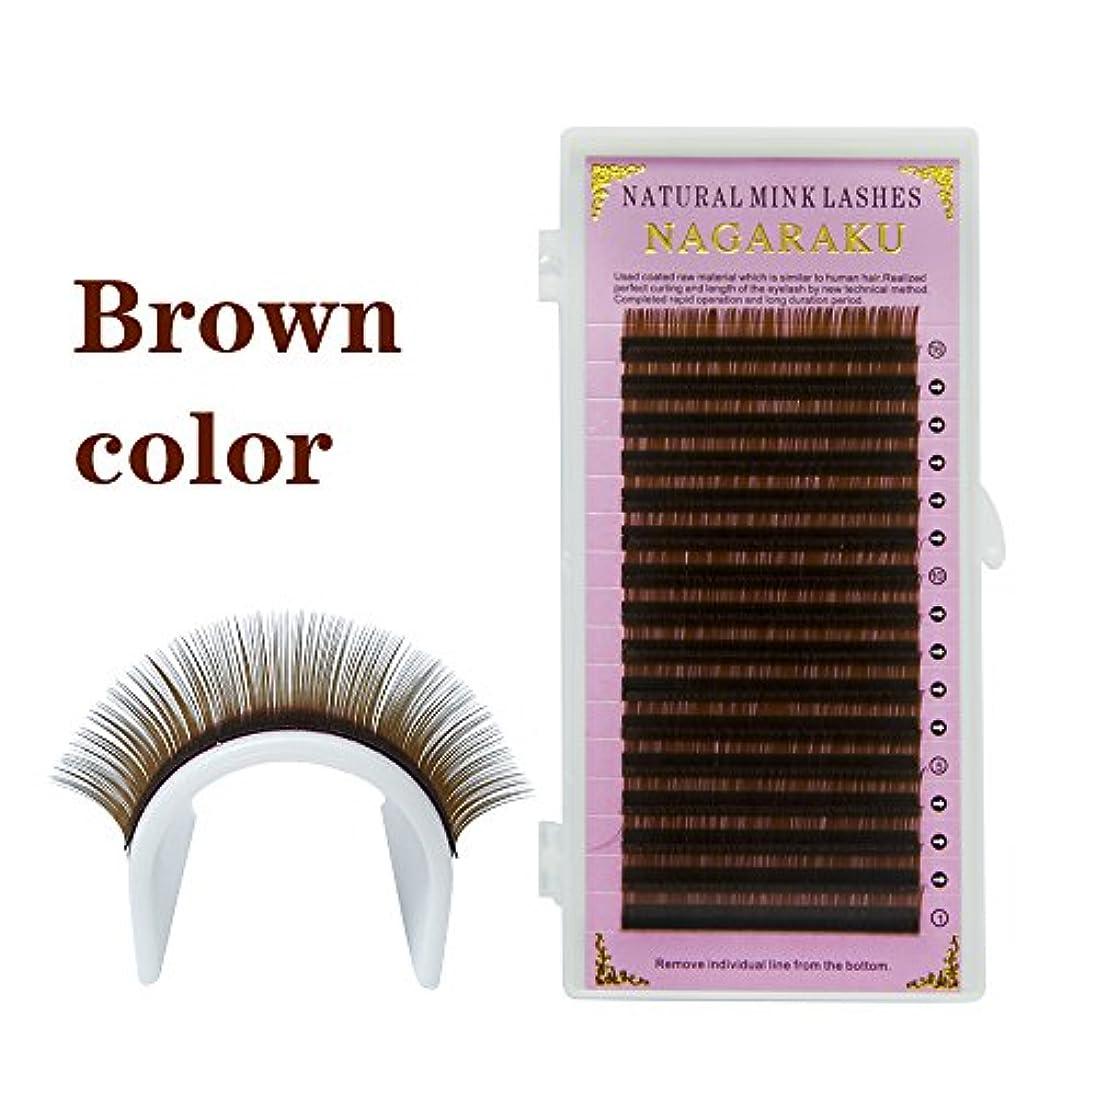 解き明かすロマンス発生NAGARAKU 16列褐色ブラウン色まつげエクステ個人用のまつげミンクMinkマツエク、ソフトとナチュラル(0.10 C 11mm)